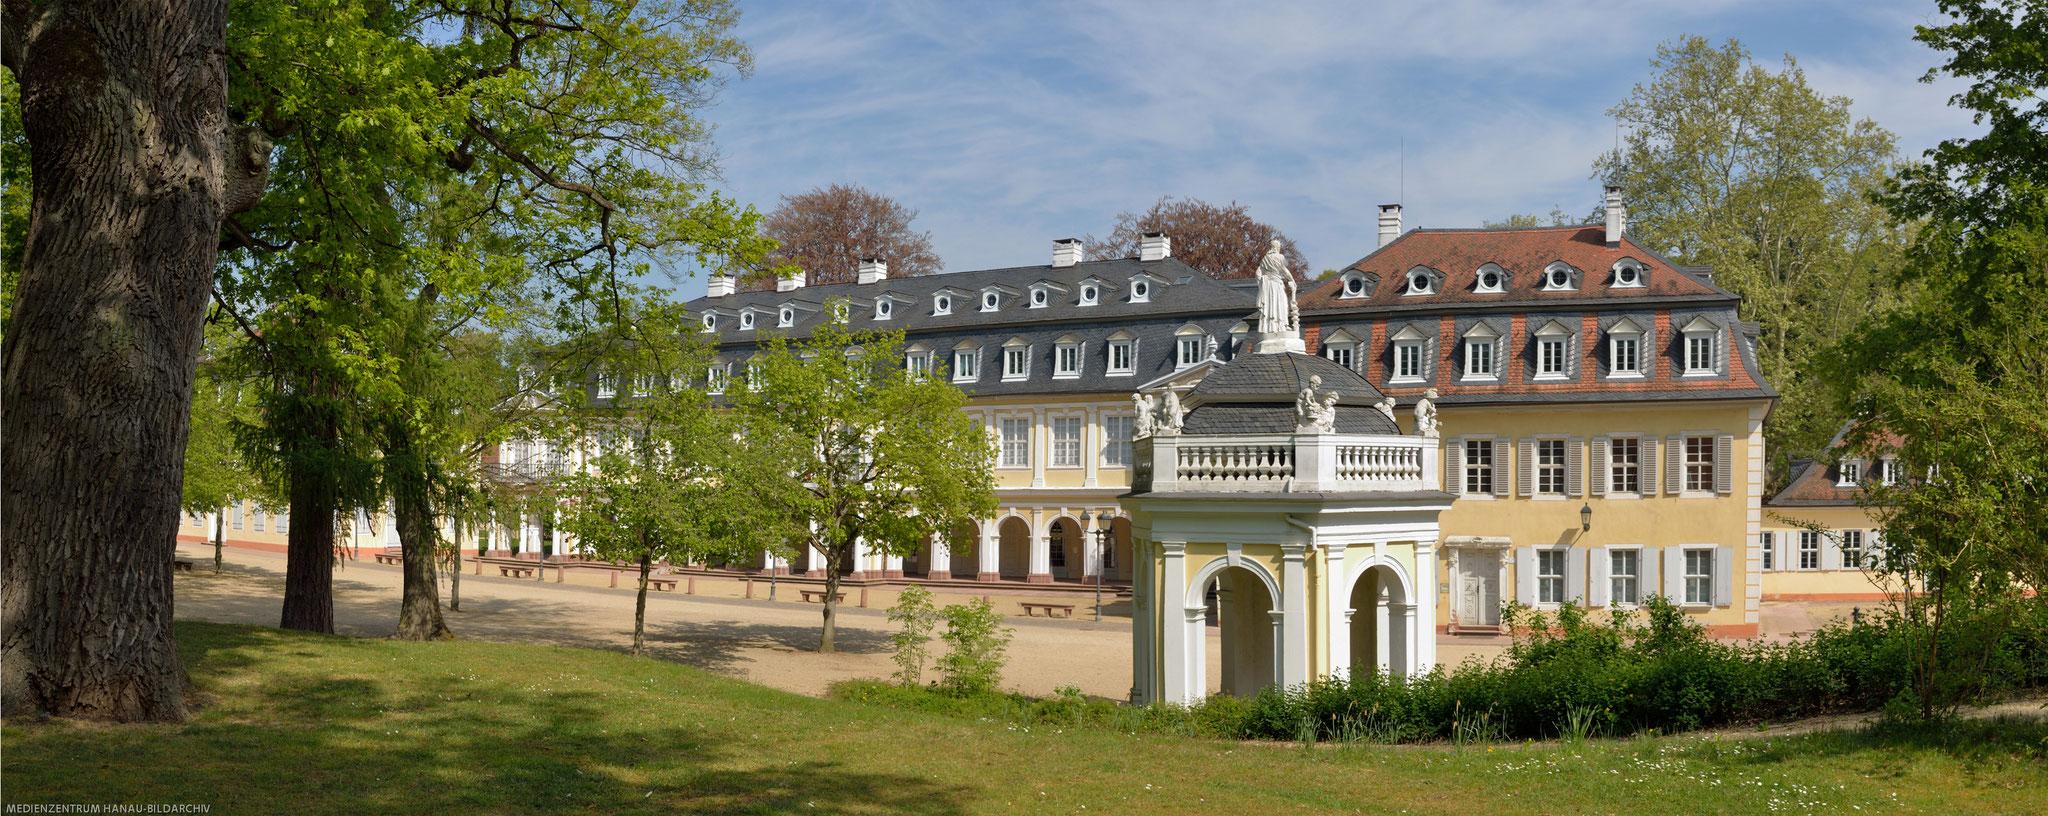 Foto: Medienzentrum Hanau-Bildarchiv